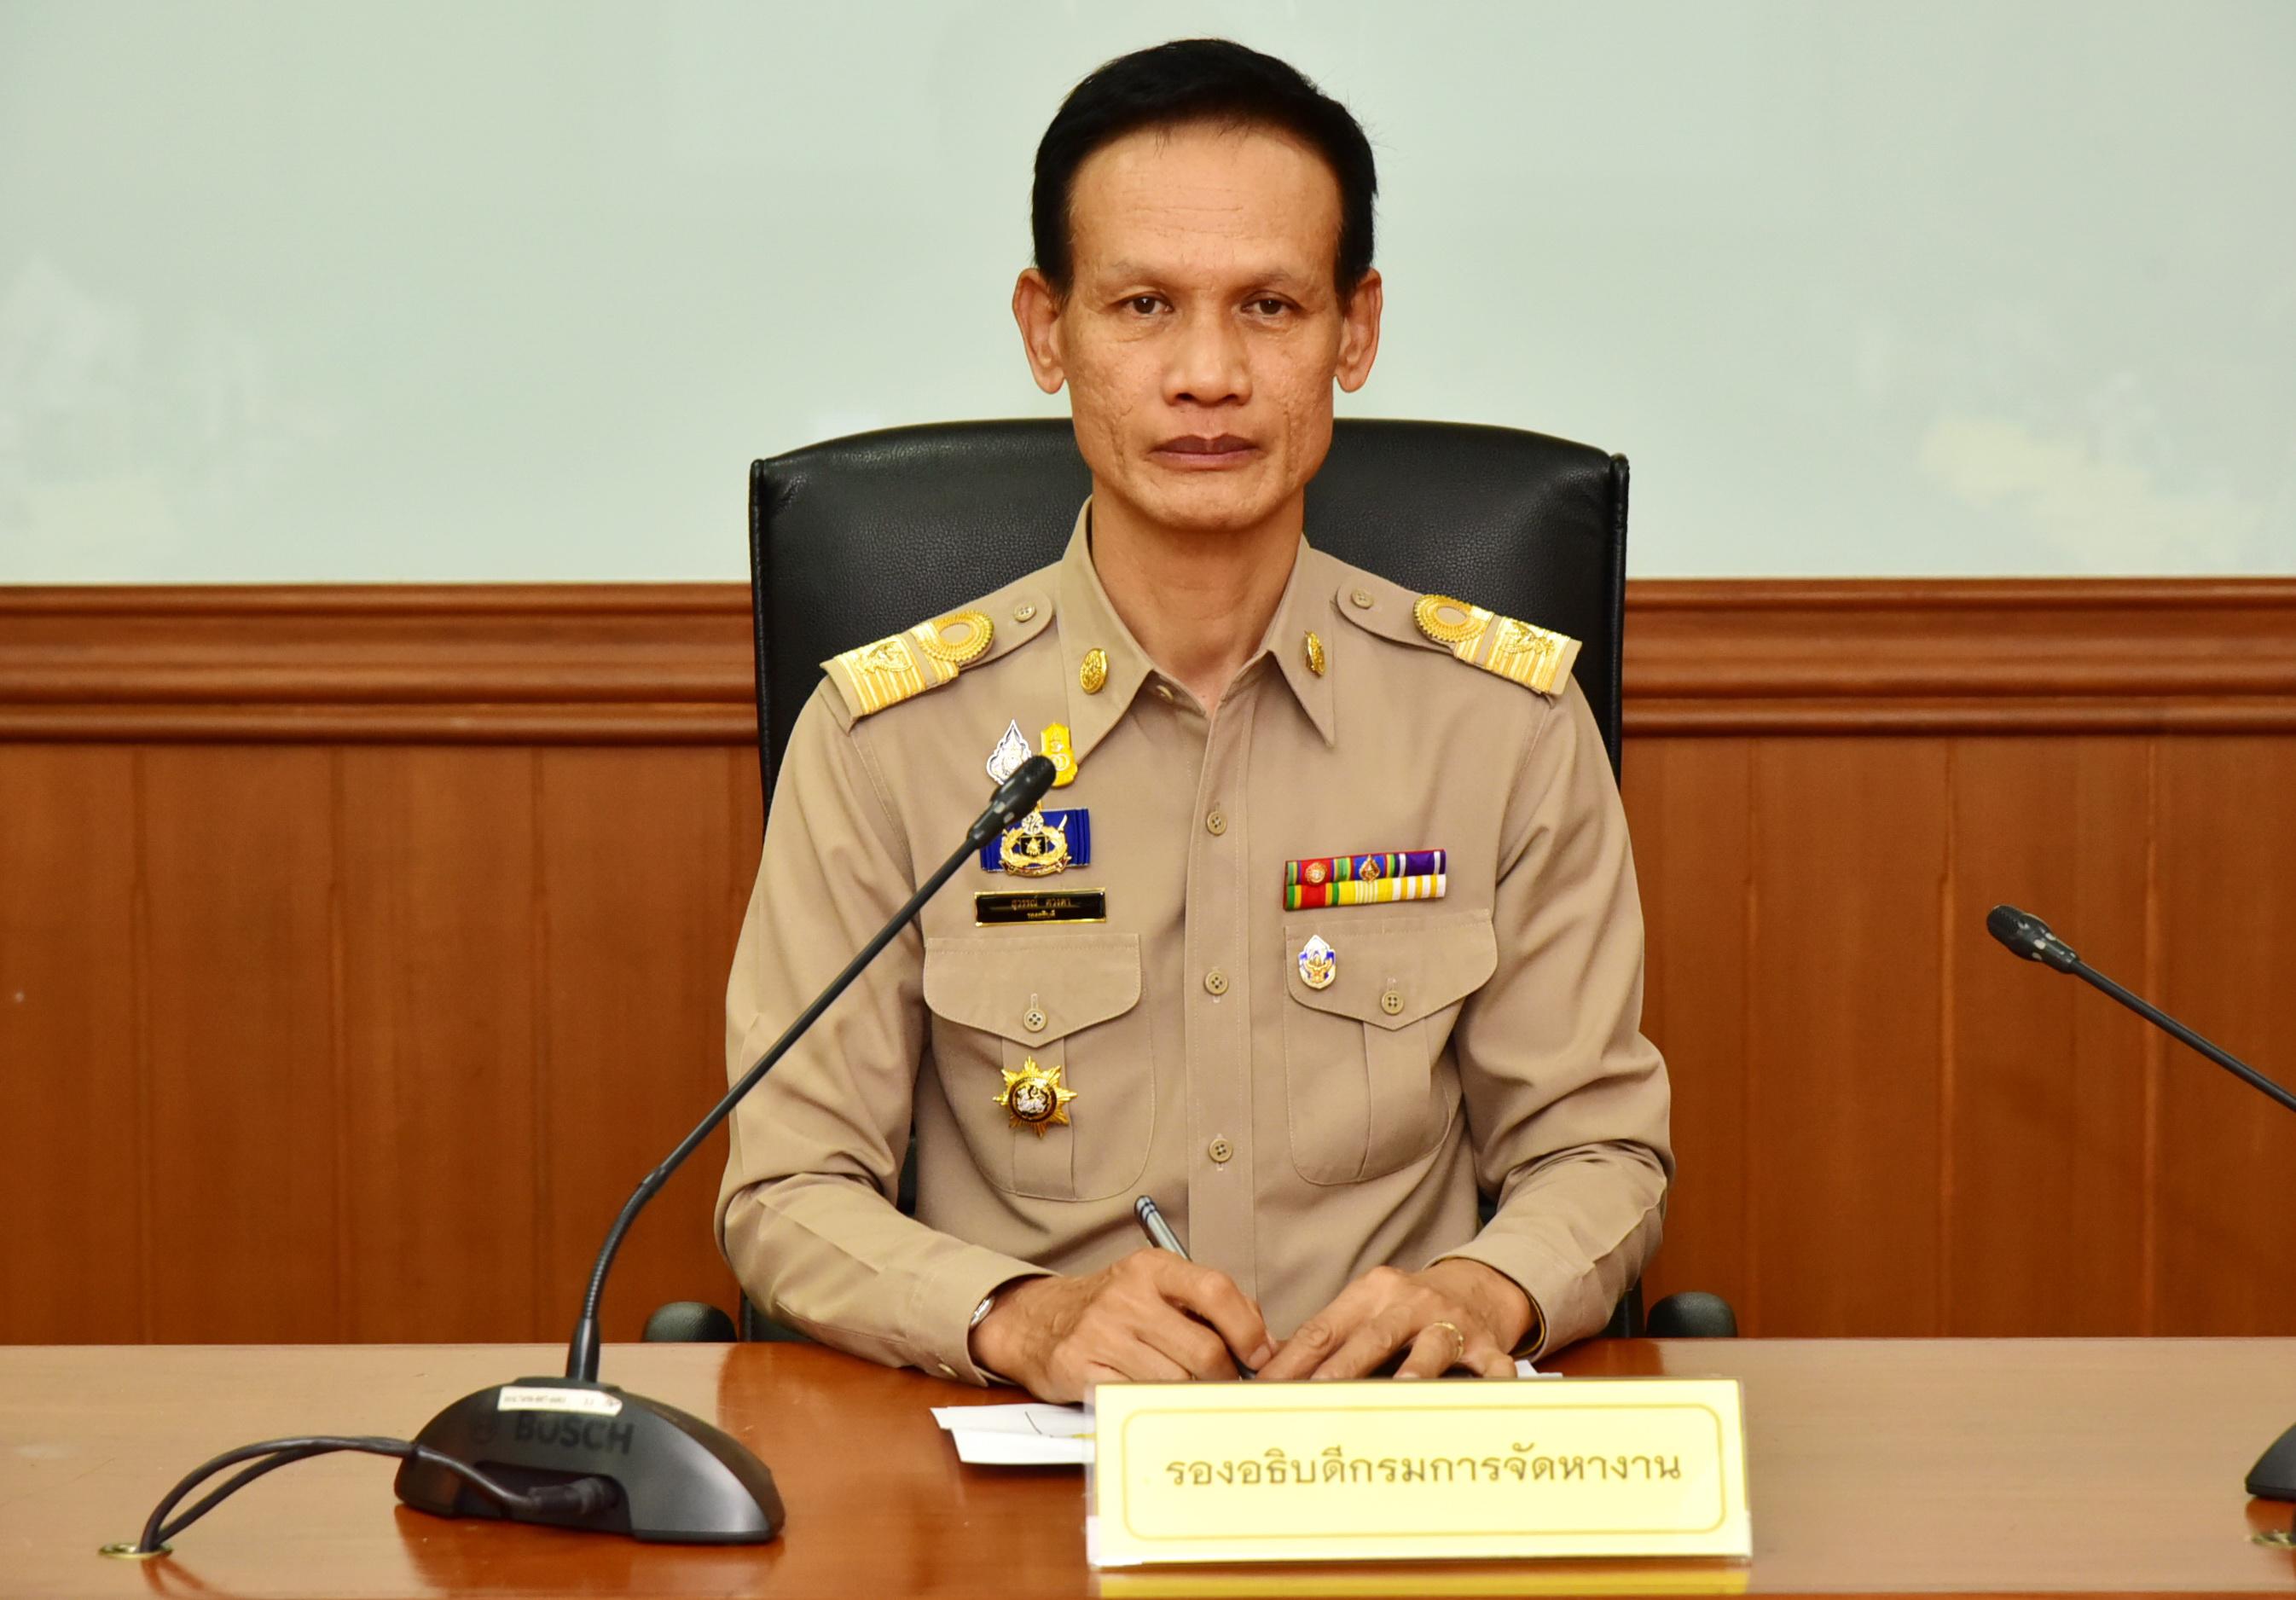 กรมการจัดหางาน ประชุมเตรียมการจัดตั้งศูนย์ OSS ตามมติคณะรัฐมนตรี 20 สิงหาคม 2562